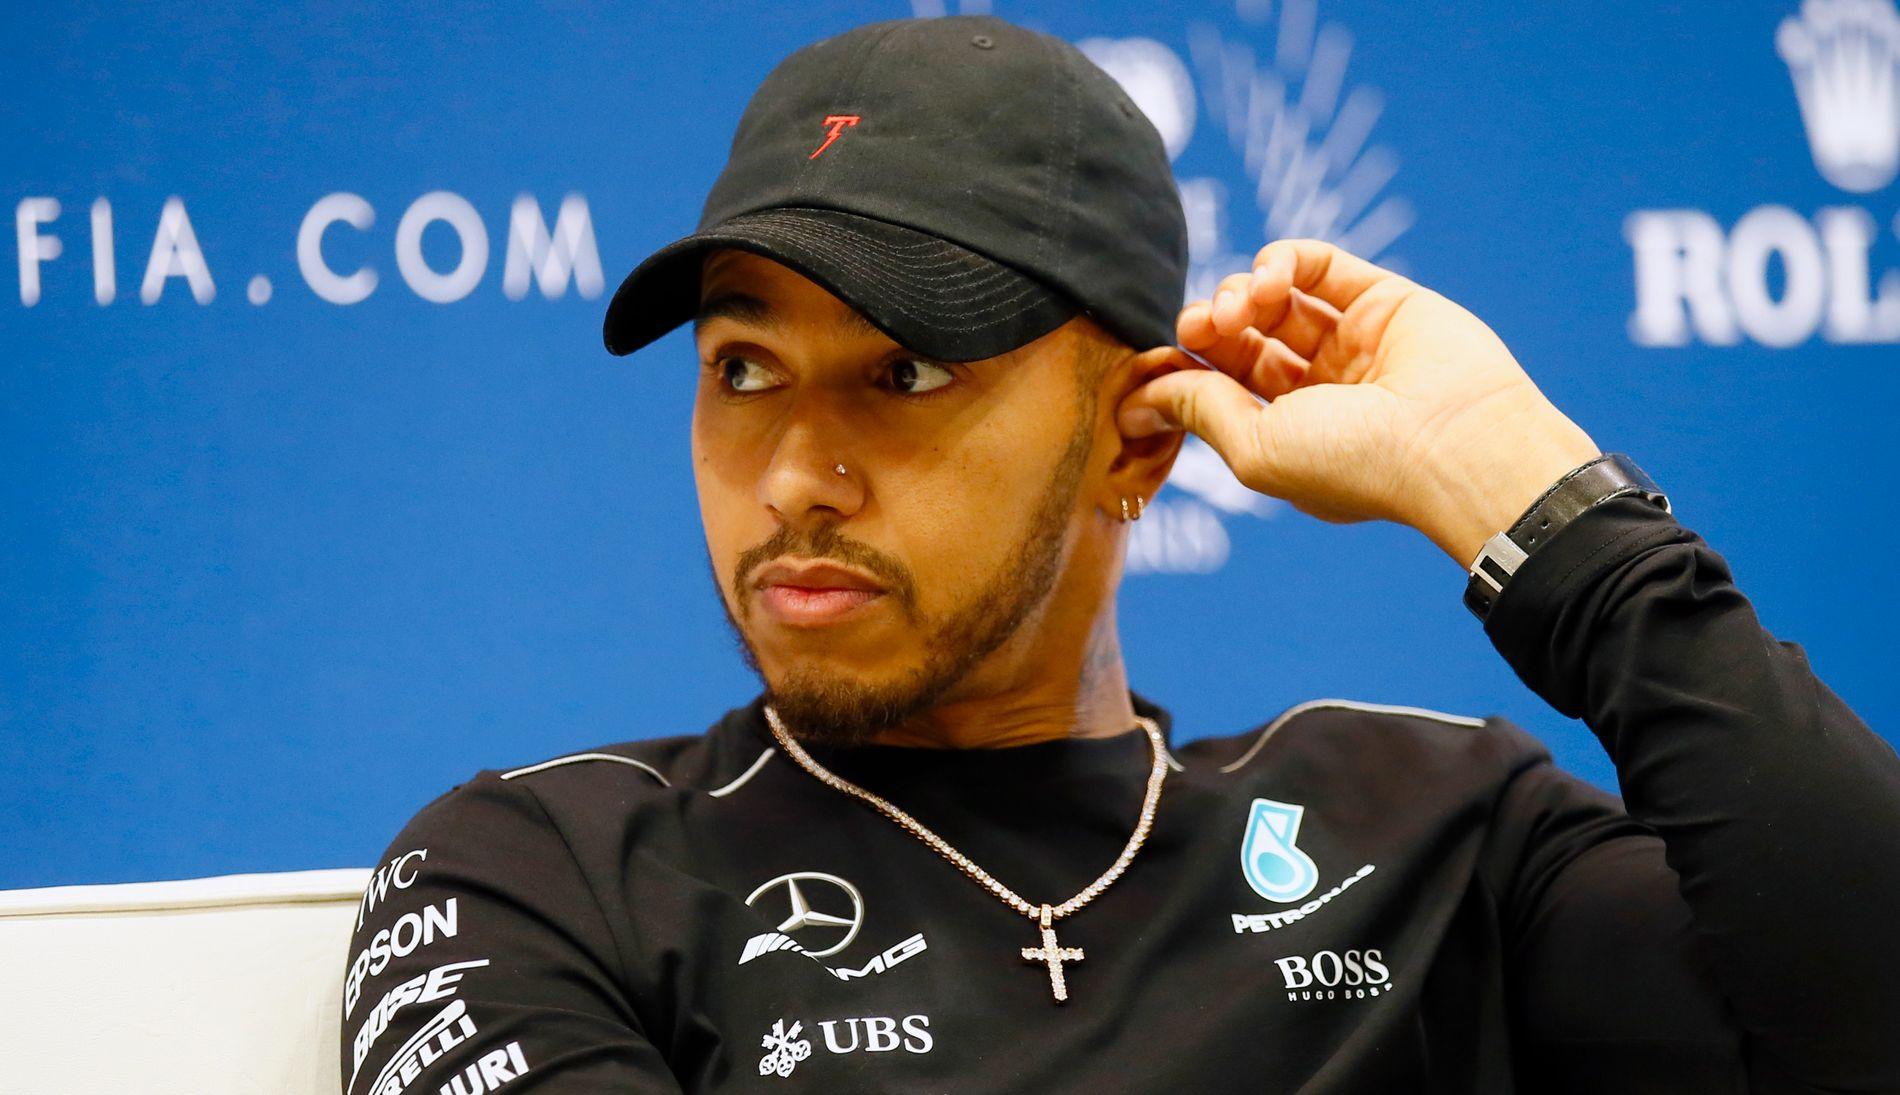 VERDENSMESTER: Lewis Hamilton tok VM-gullet i Formel 1 i 2017.